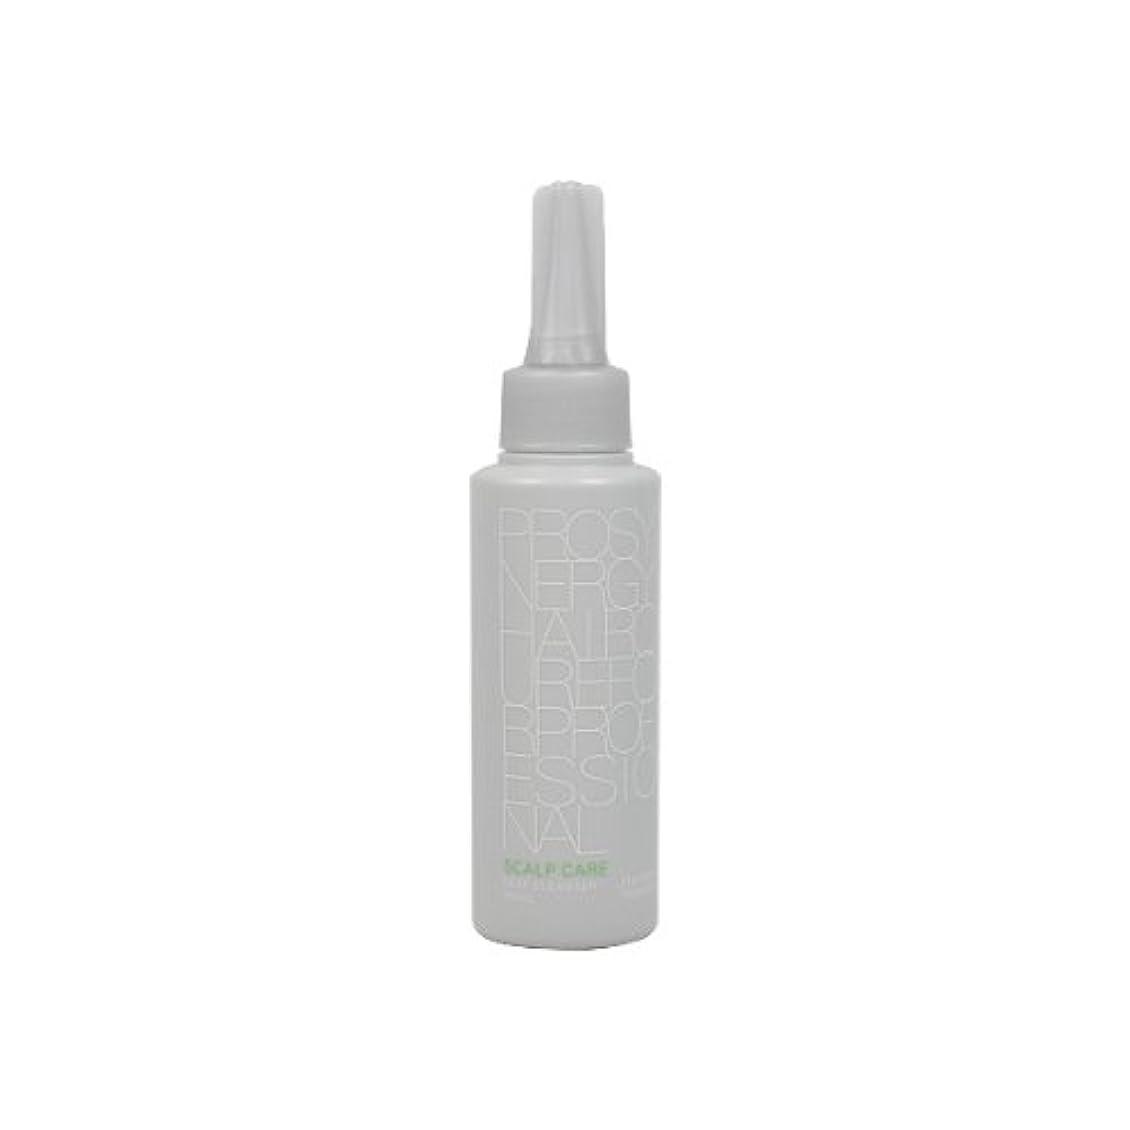 吹きさらしトランペット合理化資生堂プロフェッショナル プロシナジー スカルプケア ディープクレンザー 100ml shiseido